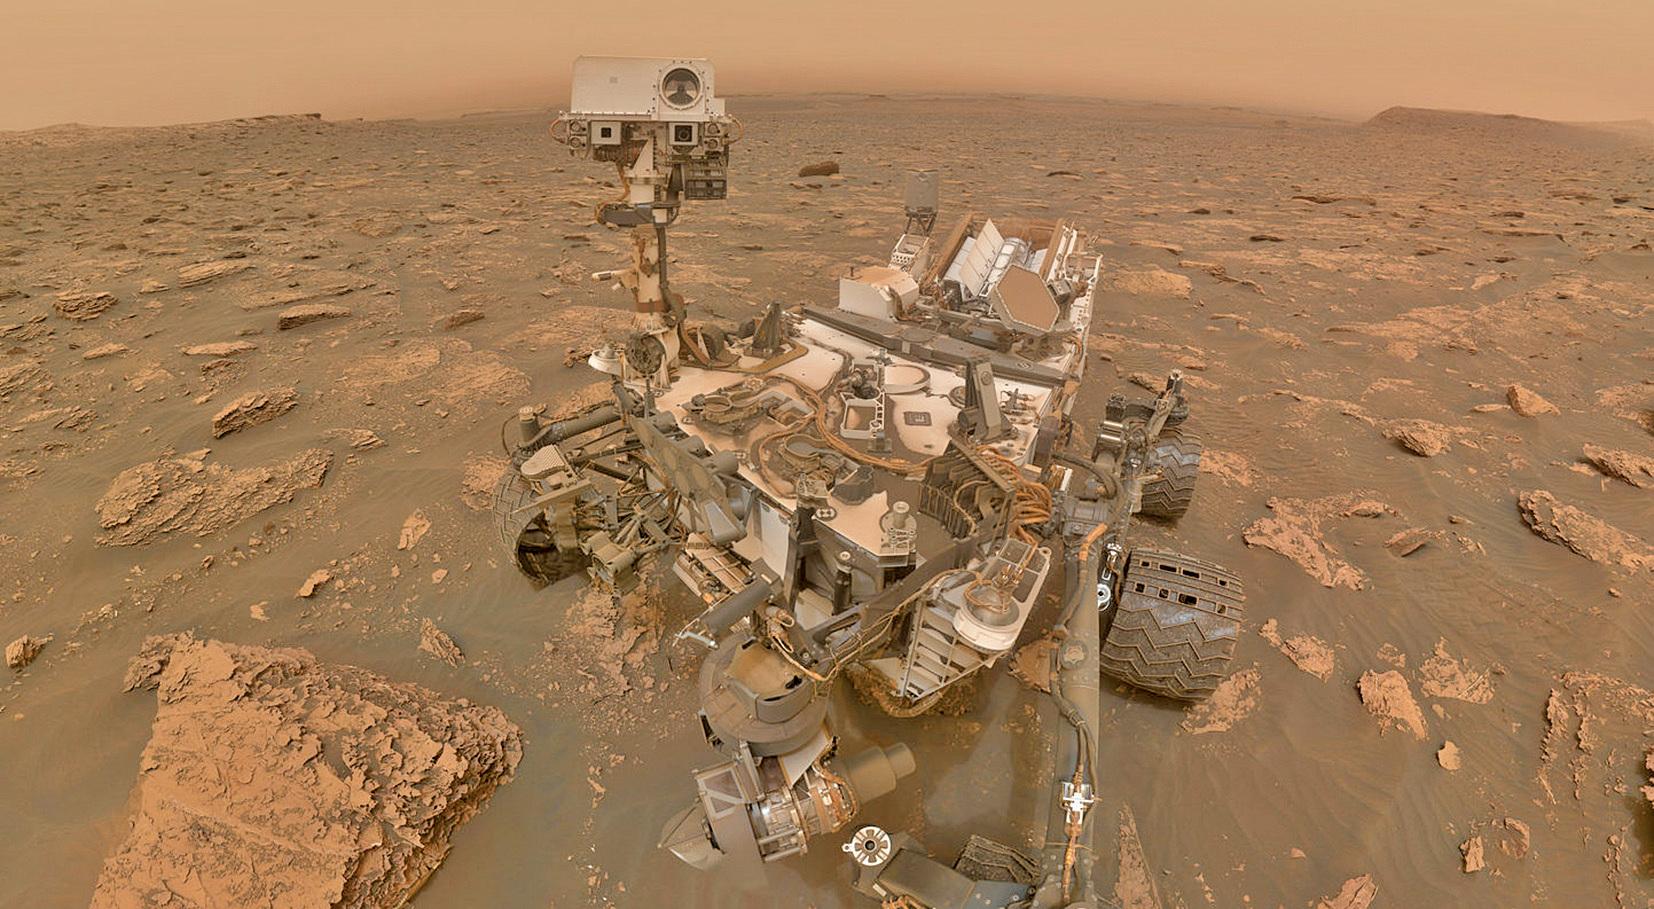 美國太空總署(NASA)的火星探測器近日遭遇惡劣天氣,一場大規模沙塵暴正在吹襲火星。(NASA)